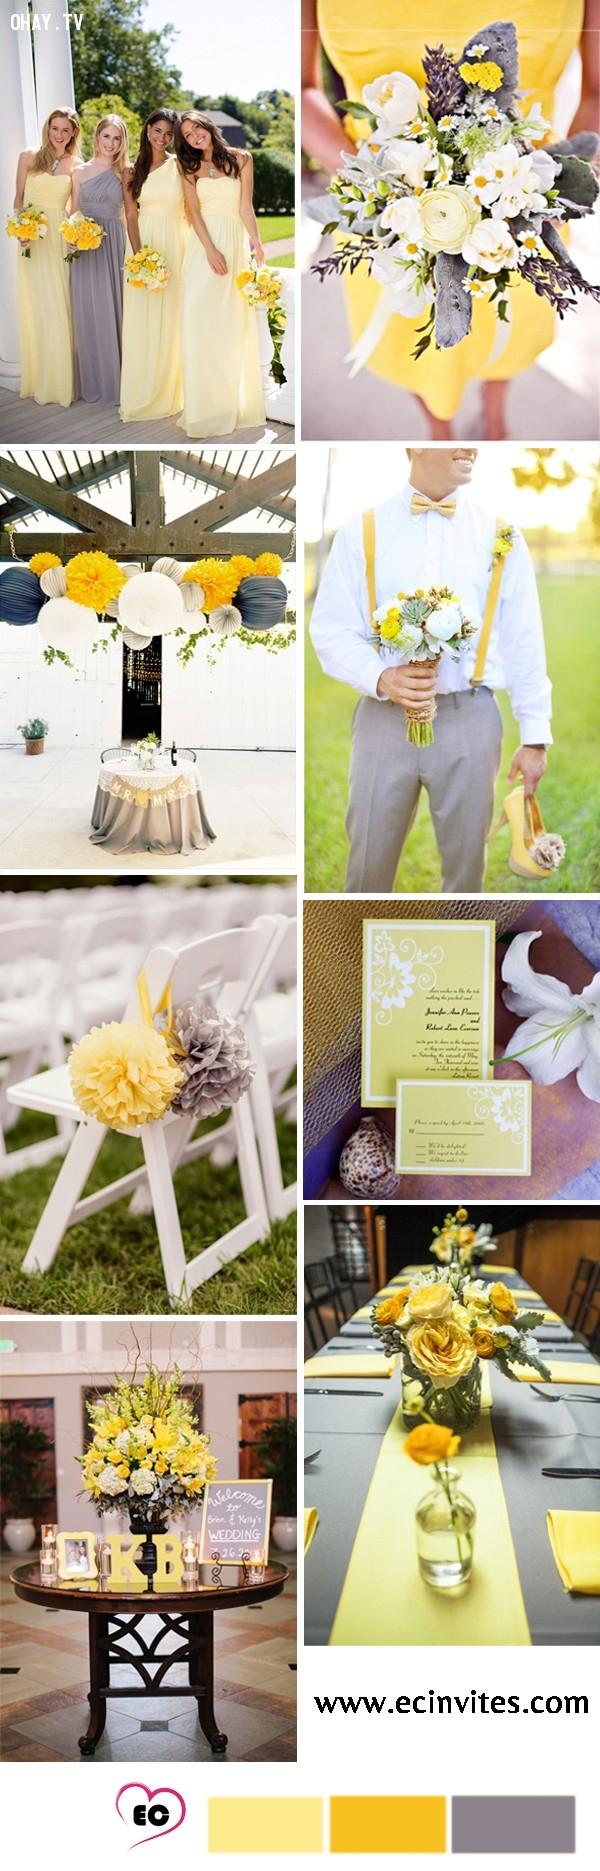 Xám kết hợp với màu vàng tươi, tạo nên một màu cưới nổi bật mà không thiếu phần ấn tượng.,tổ chức đám cưới,màu sắc đám cưới,màu xám